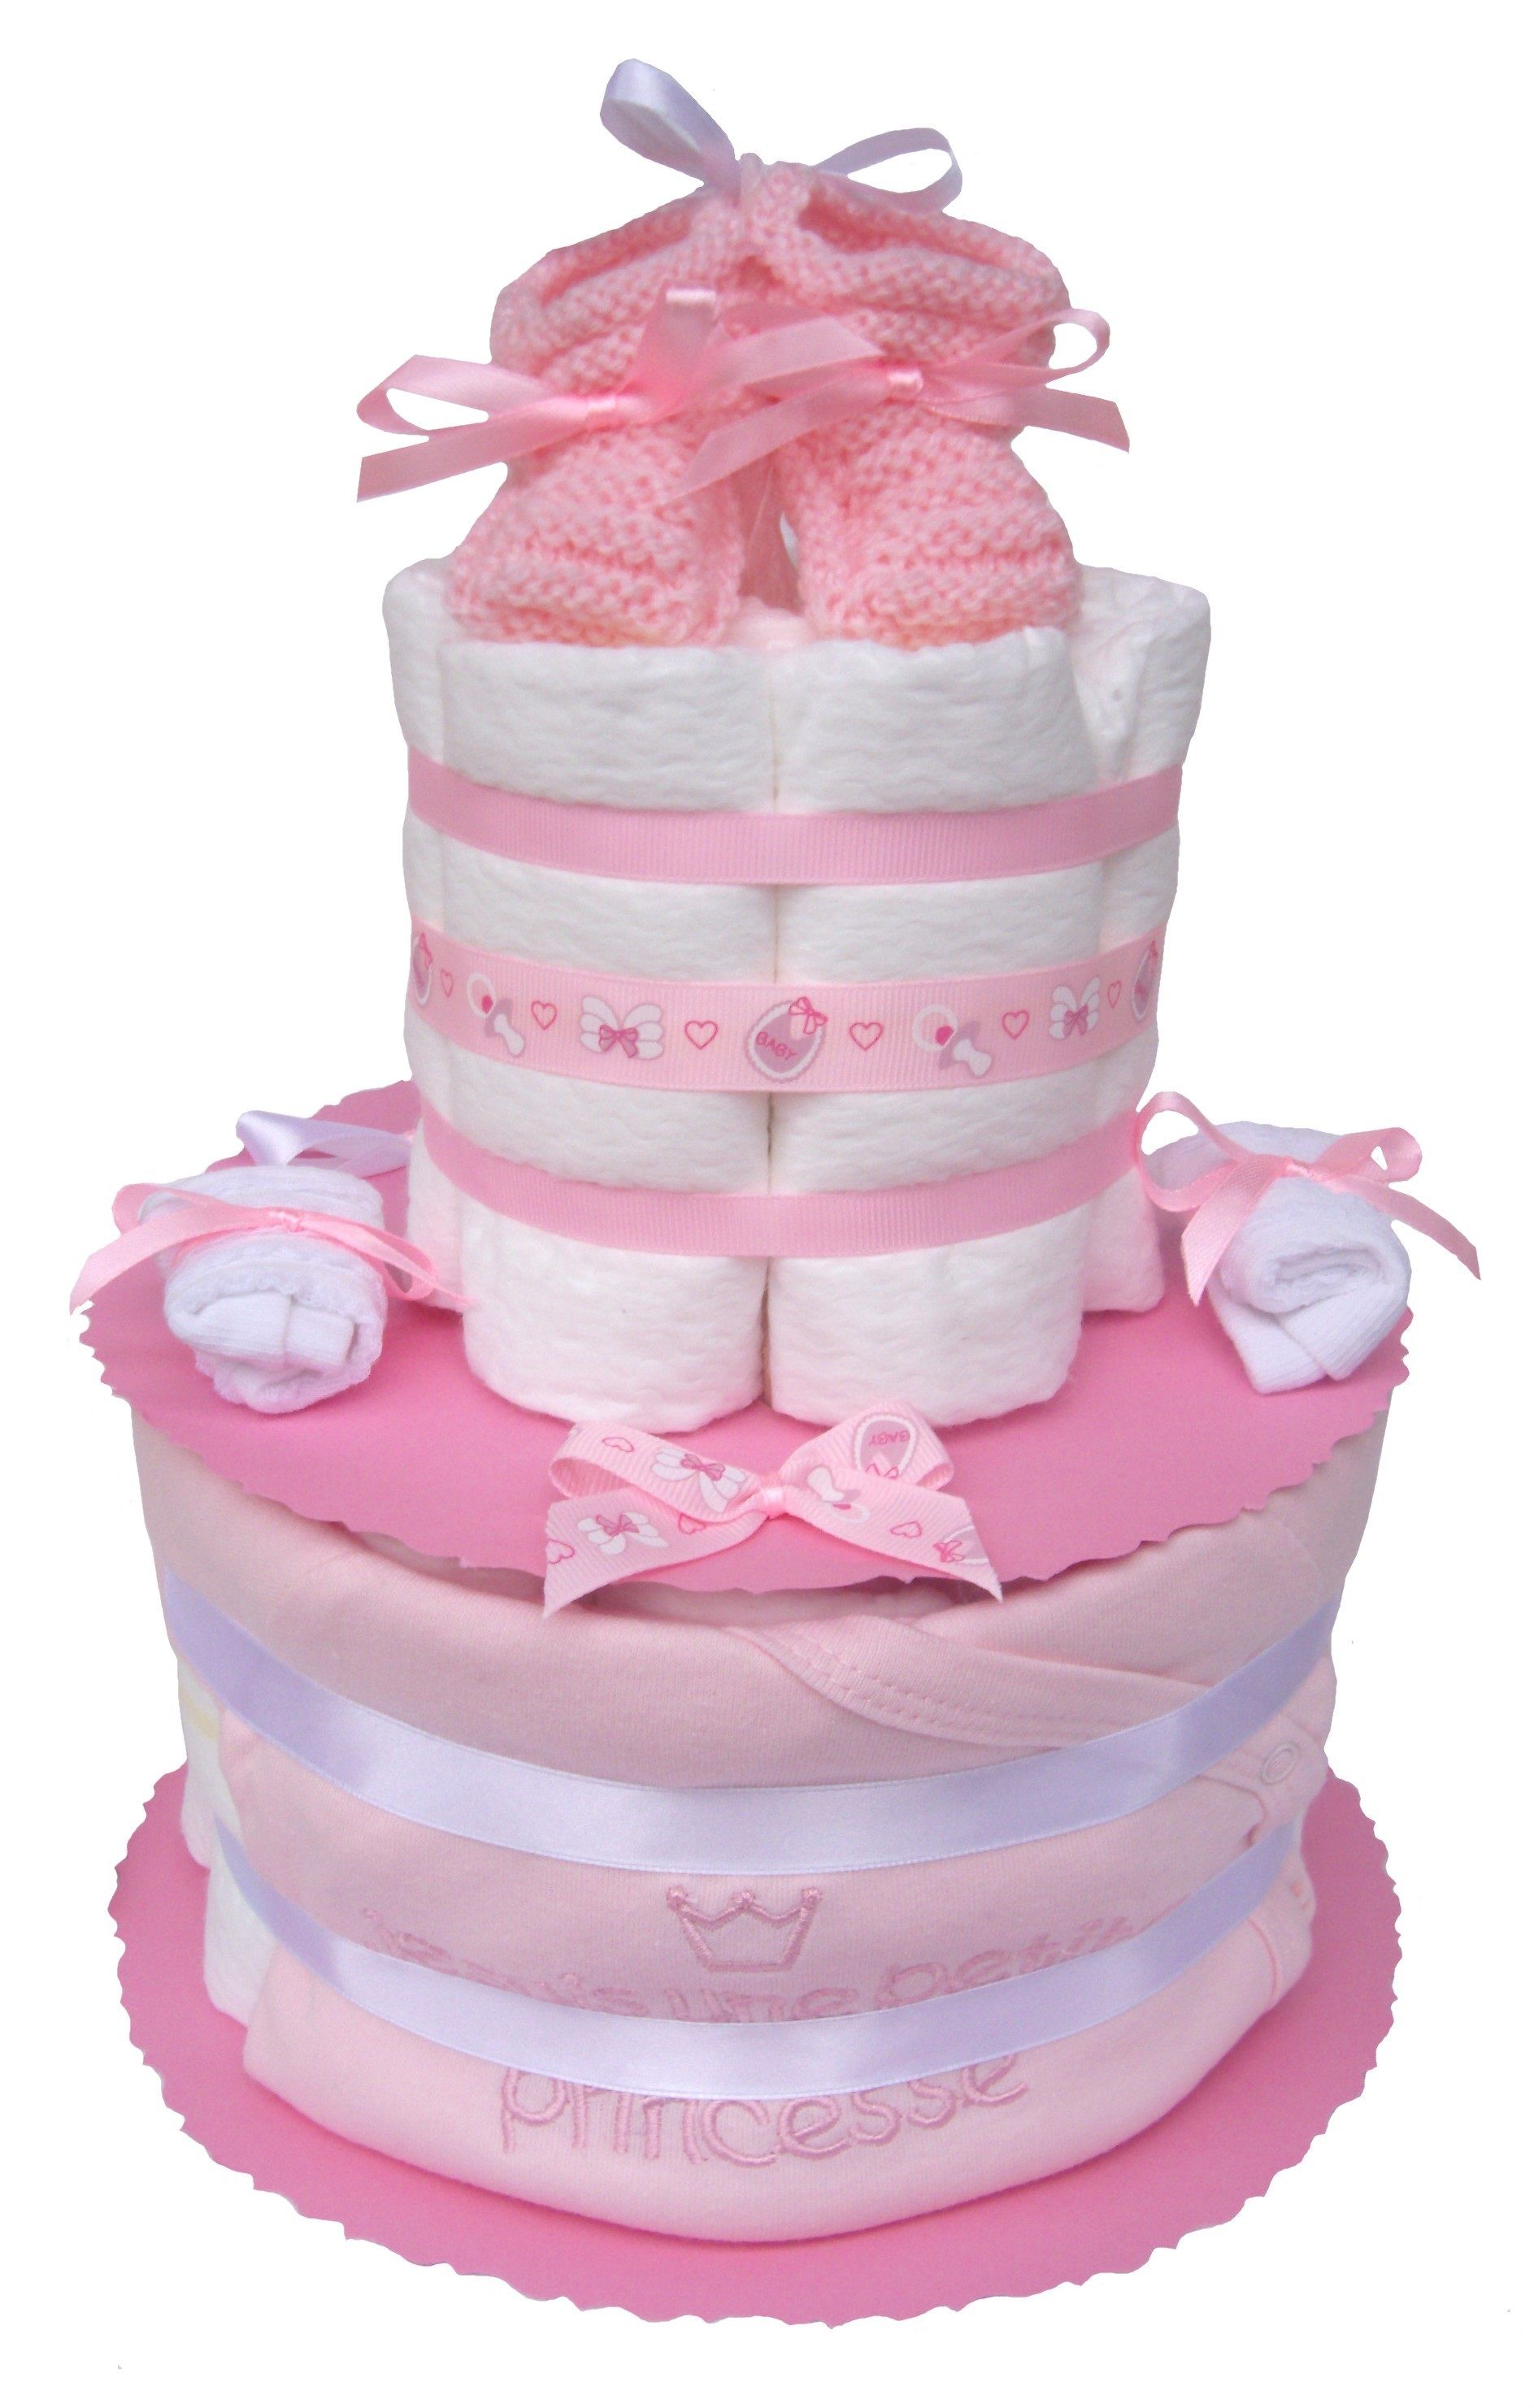 Cadeau pour une petite baby princesse en couches pampers g teau de couches b b fille - Couche naissance pampers ...